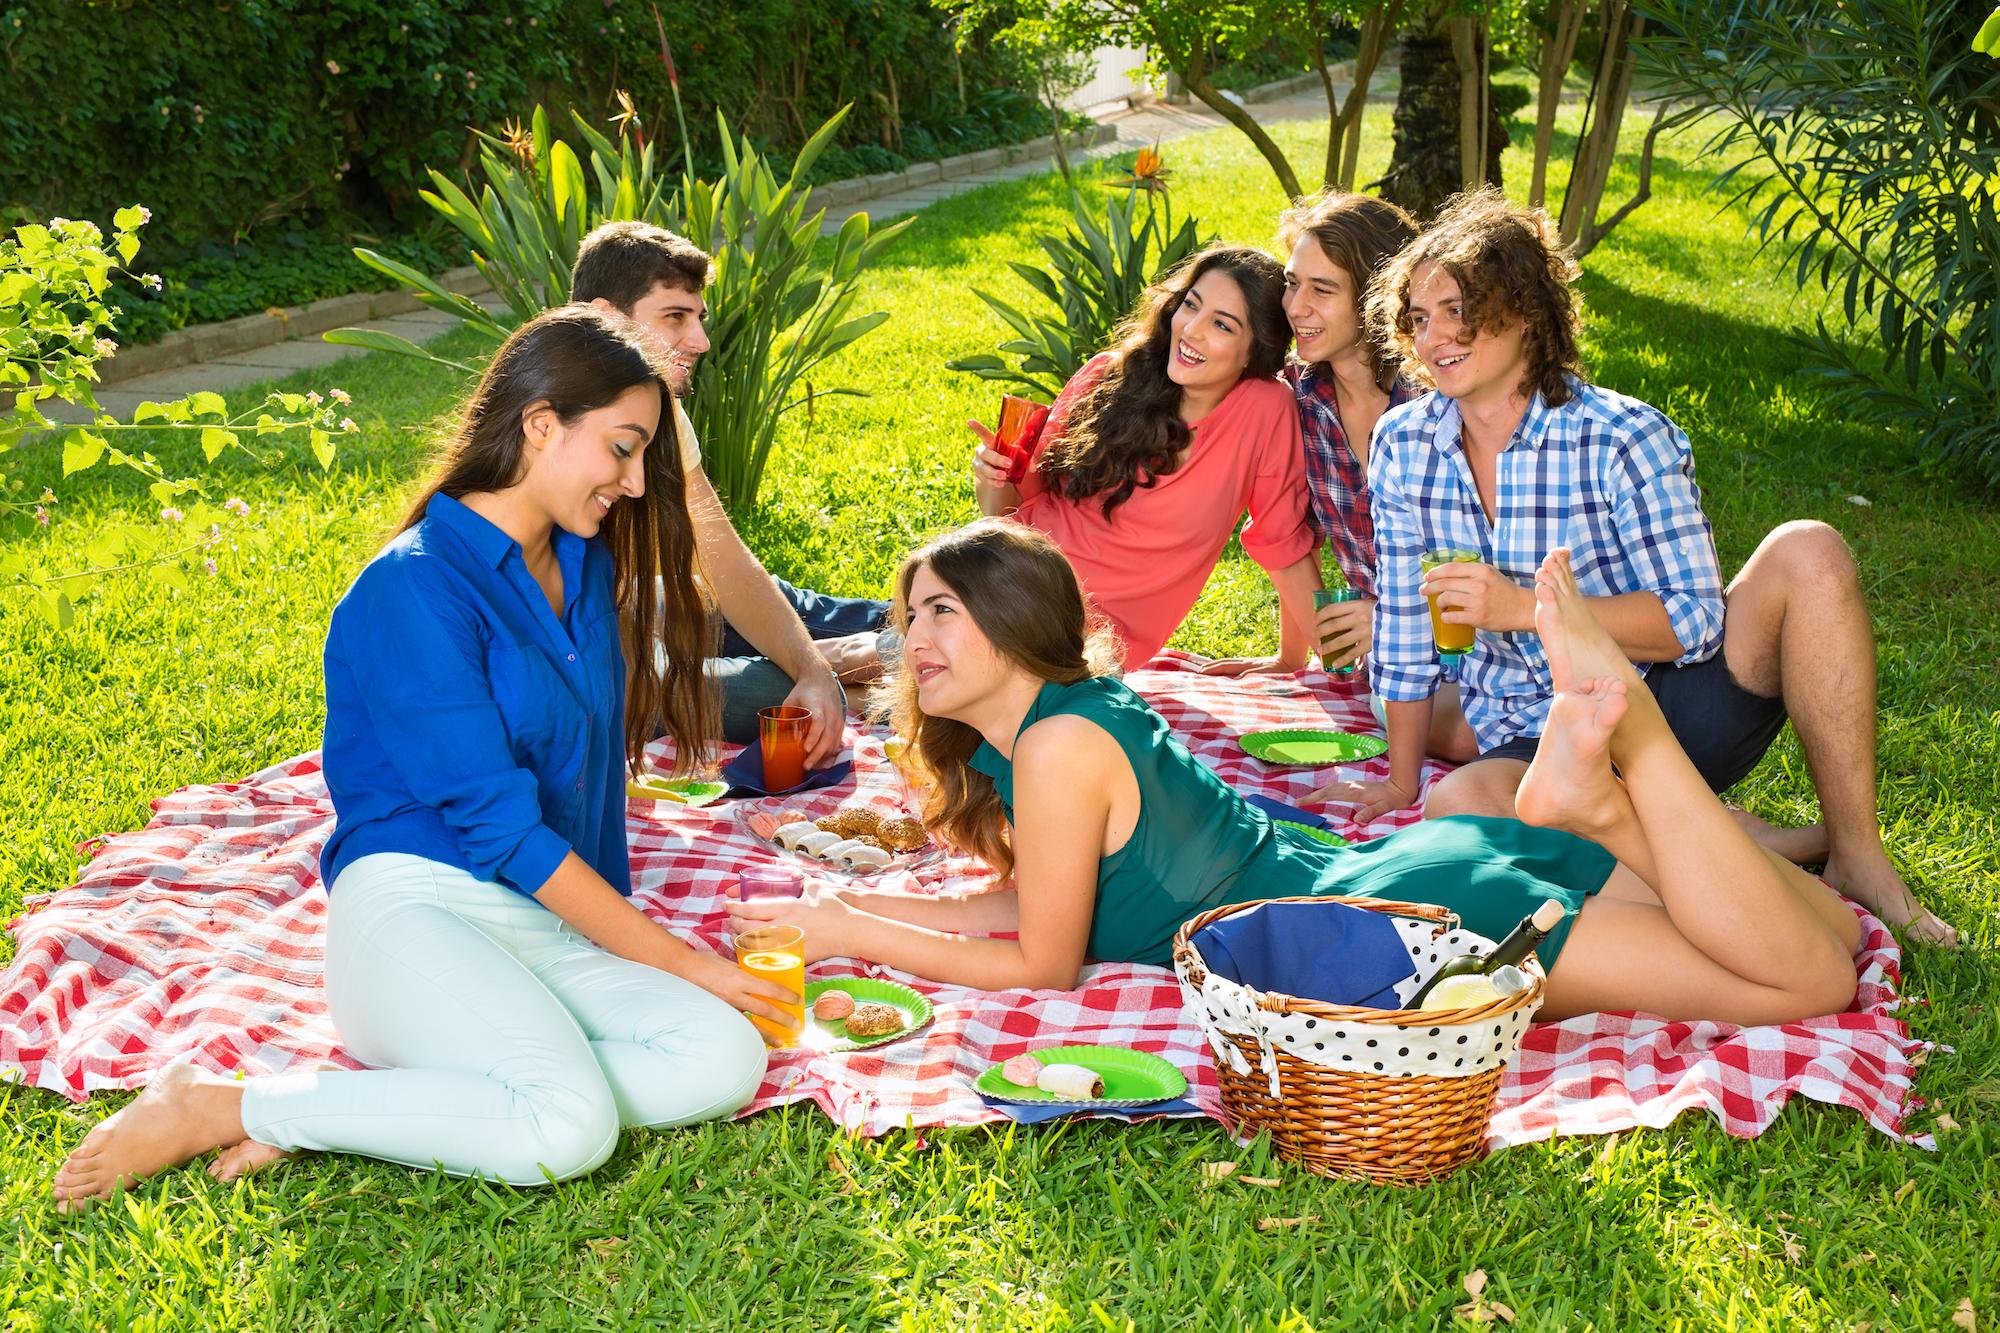 видео молодежи на пикнике после анального